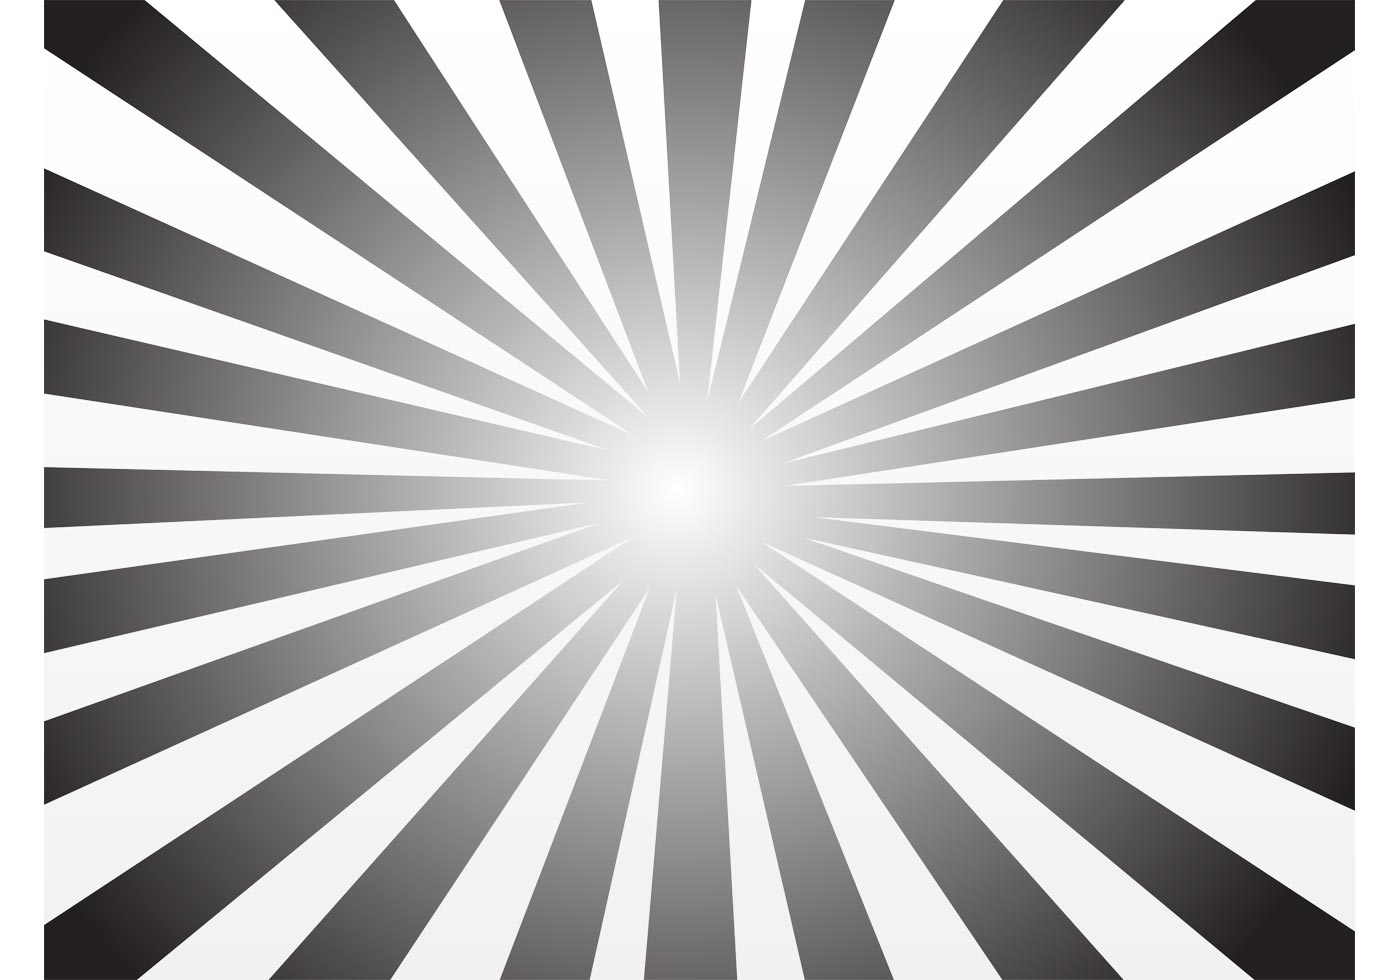 Rayos De Sol Vector: Descargue Gráficos Y Vectores Gratis